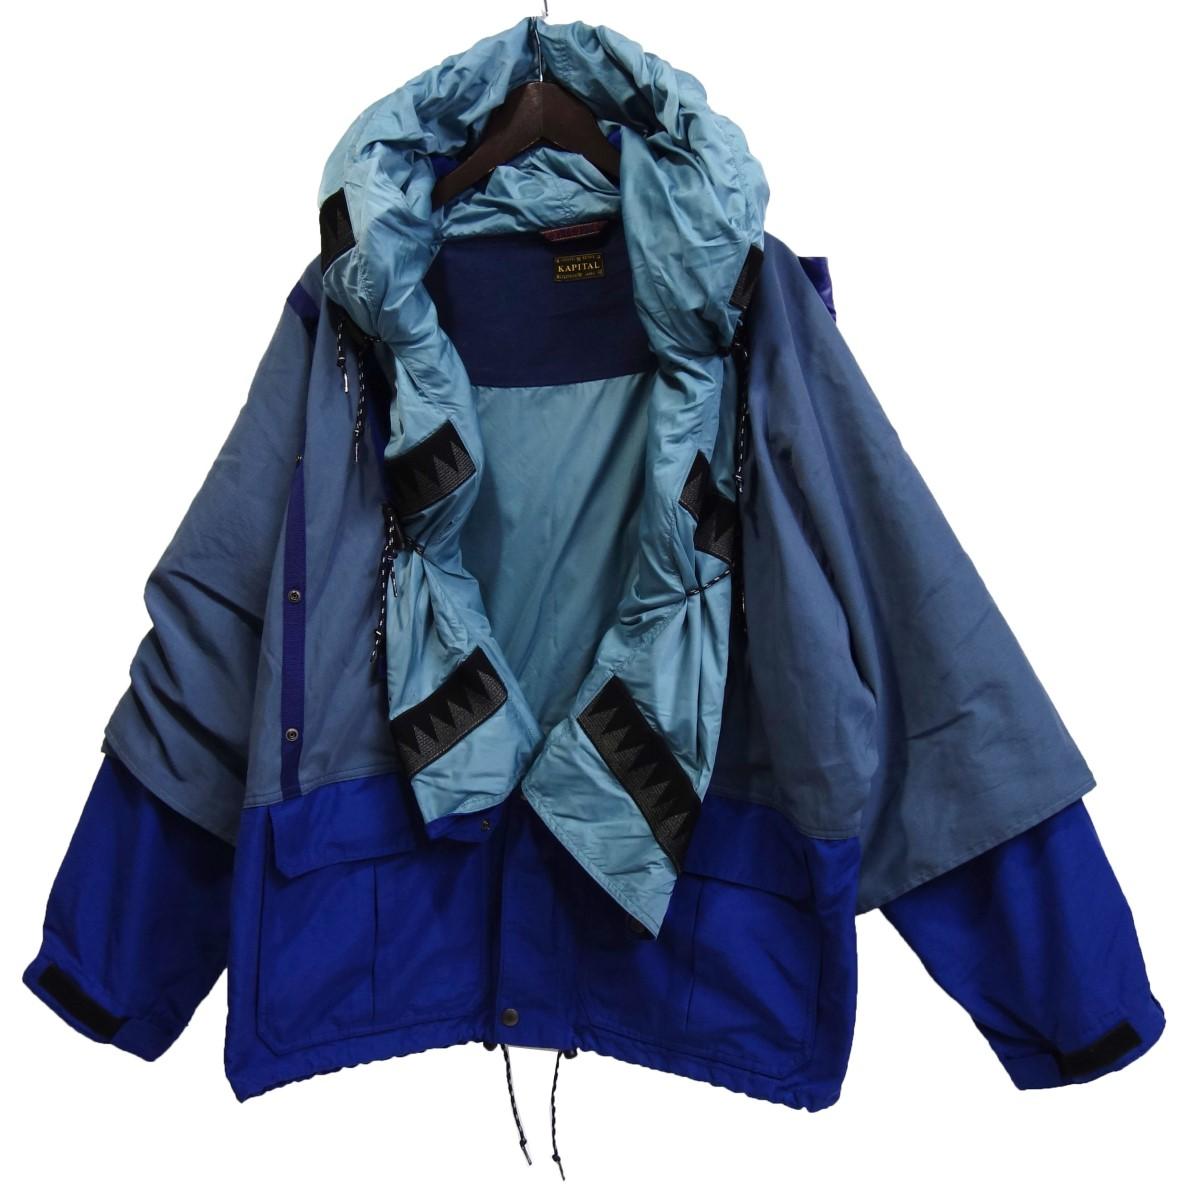 【中古】KAPITAL 「60/40クロス KAMAKURA アノラックブルゾン」 カマクラアノラックブルゾン ブルー サイズ:3 【280320】(キャピタル)